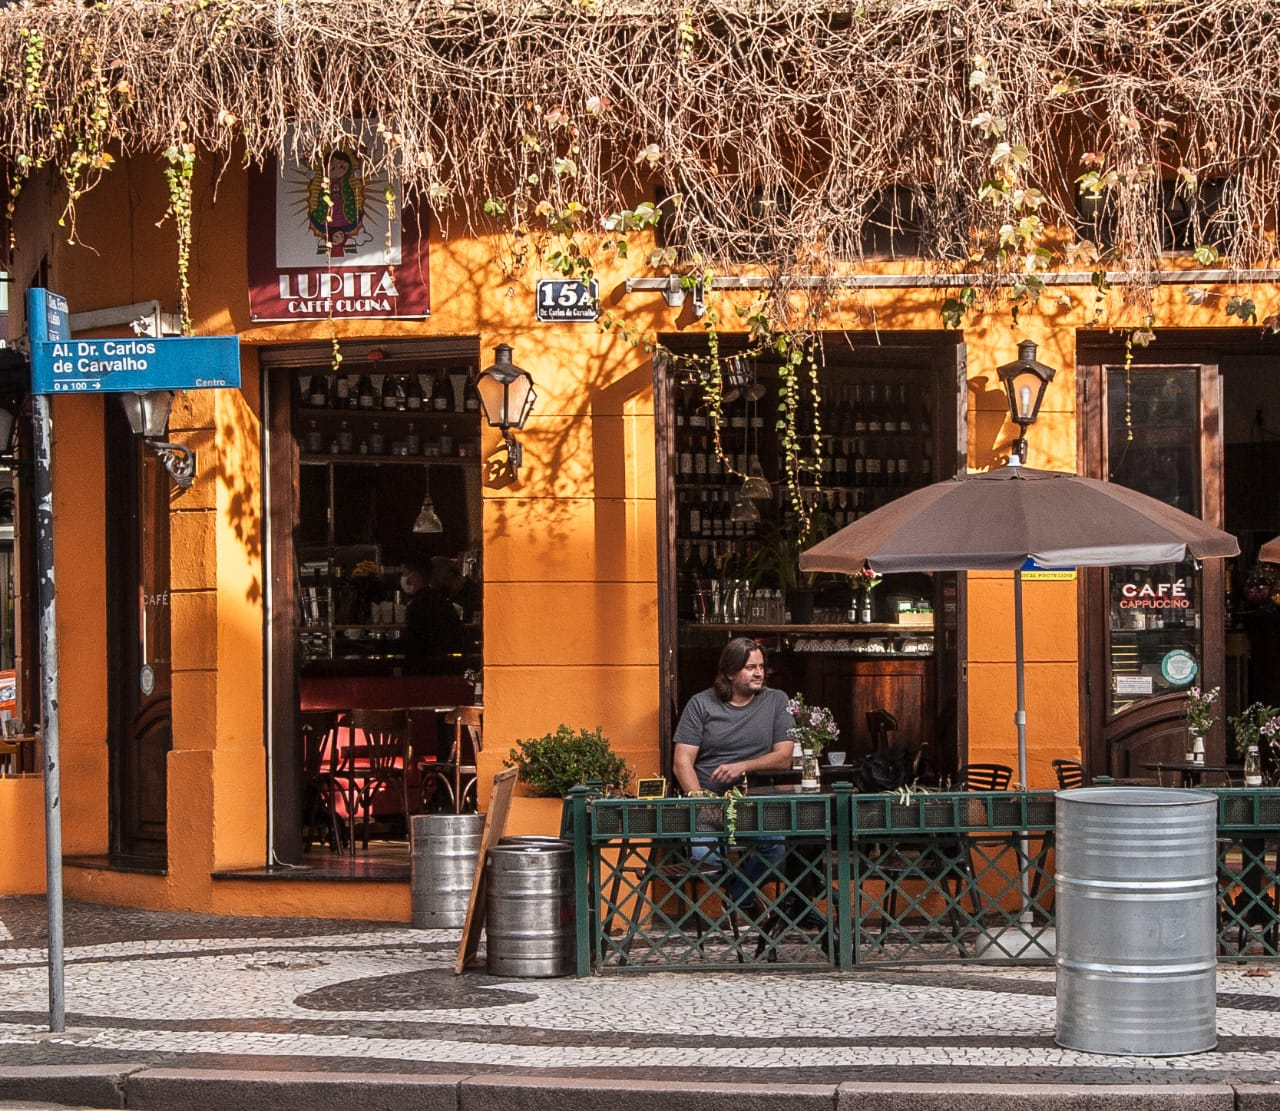 Dudu Sperandio acaba de abrir também o Lupita, um café no centro de Curitiba.